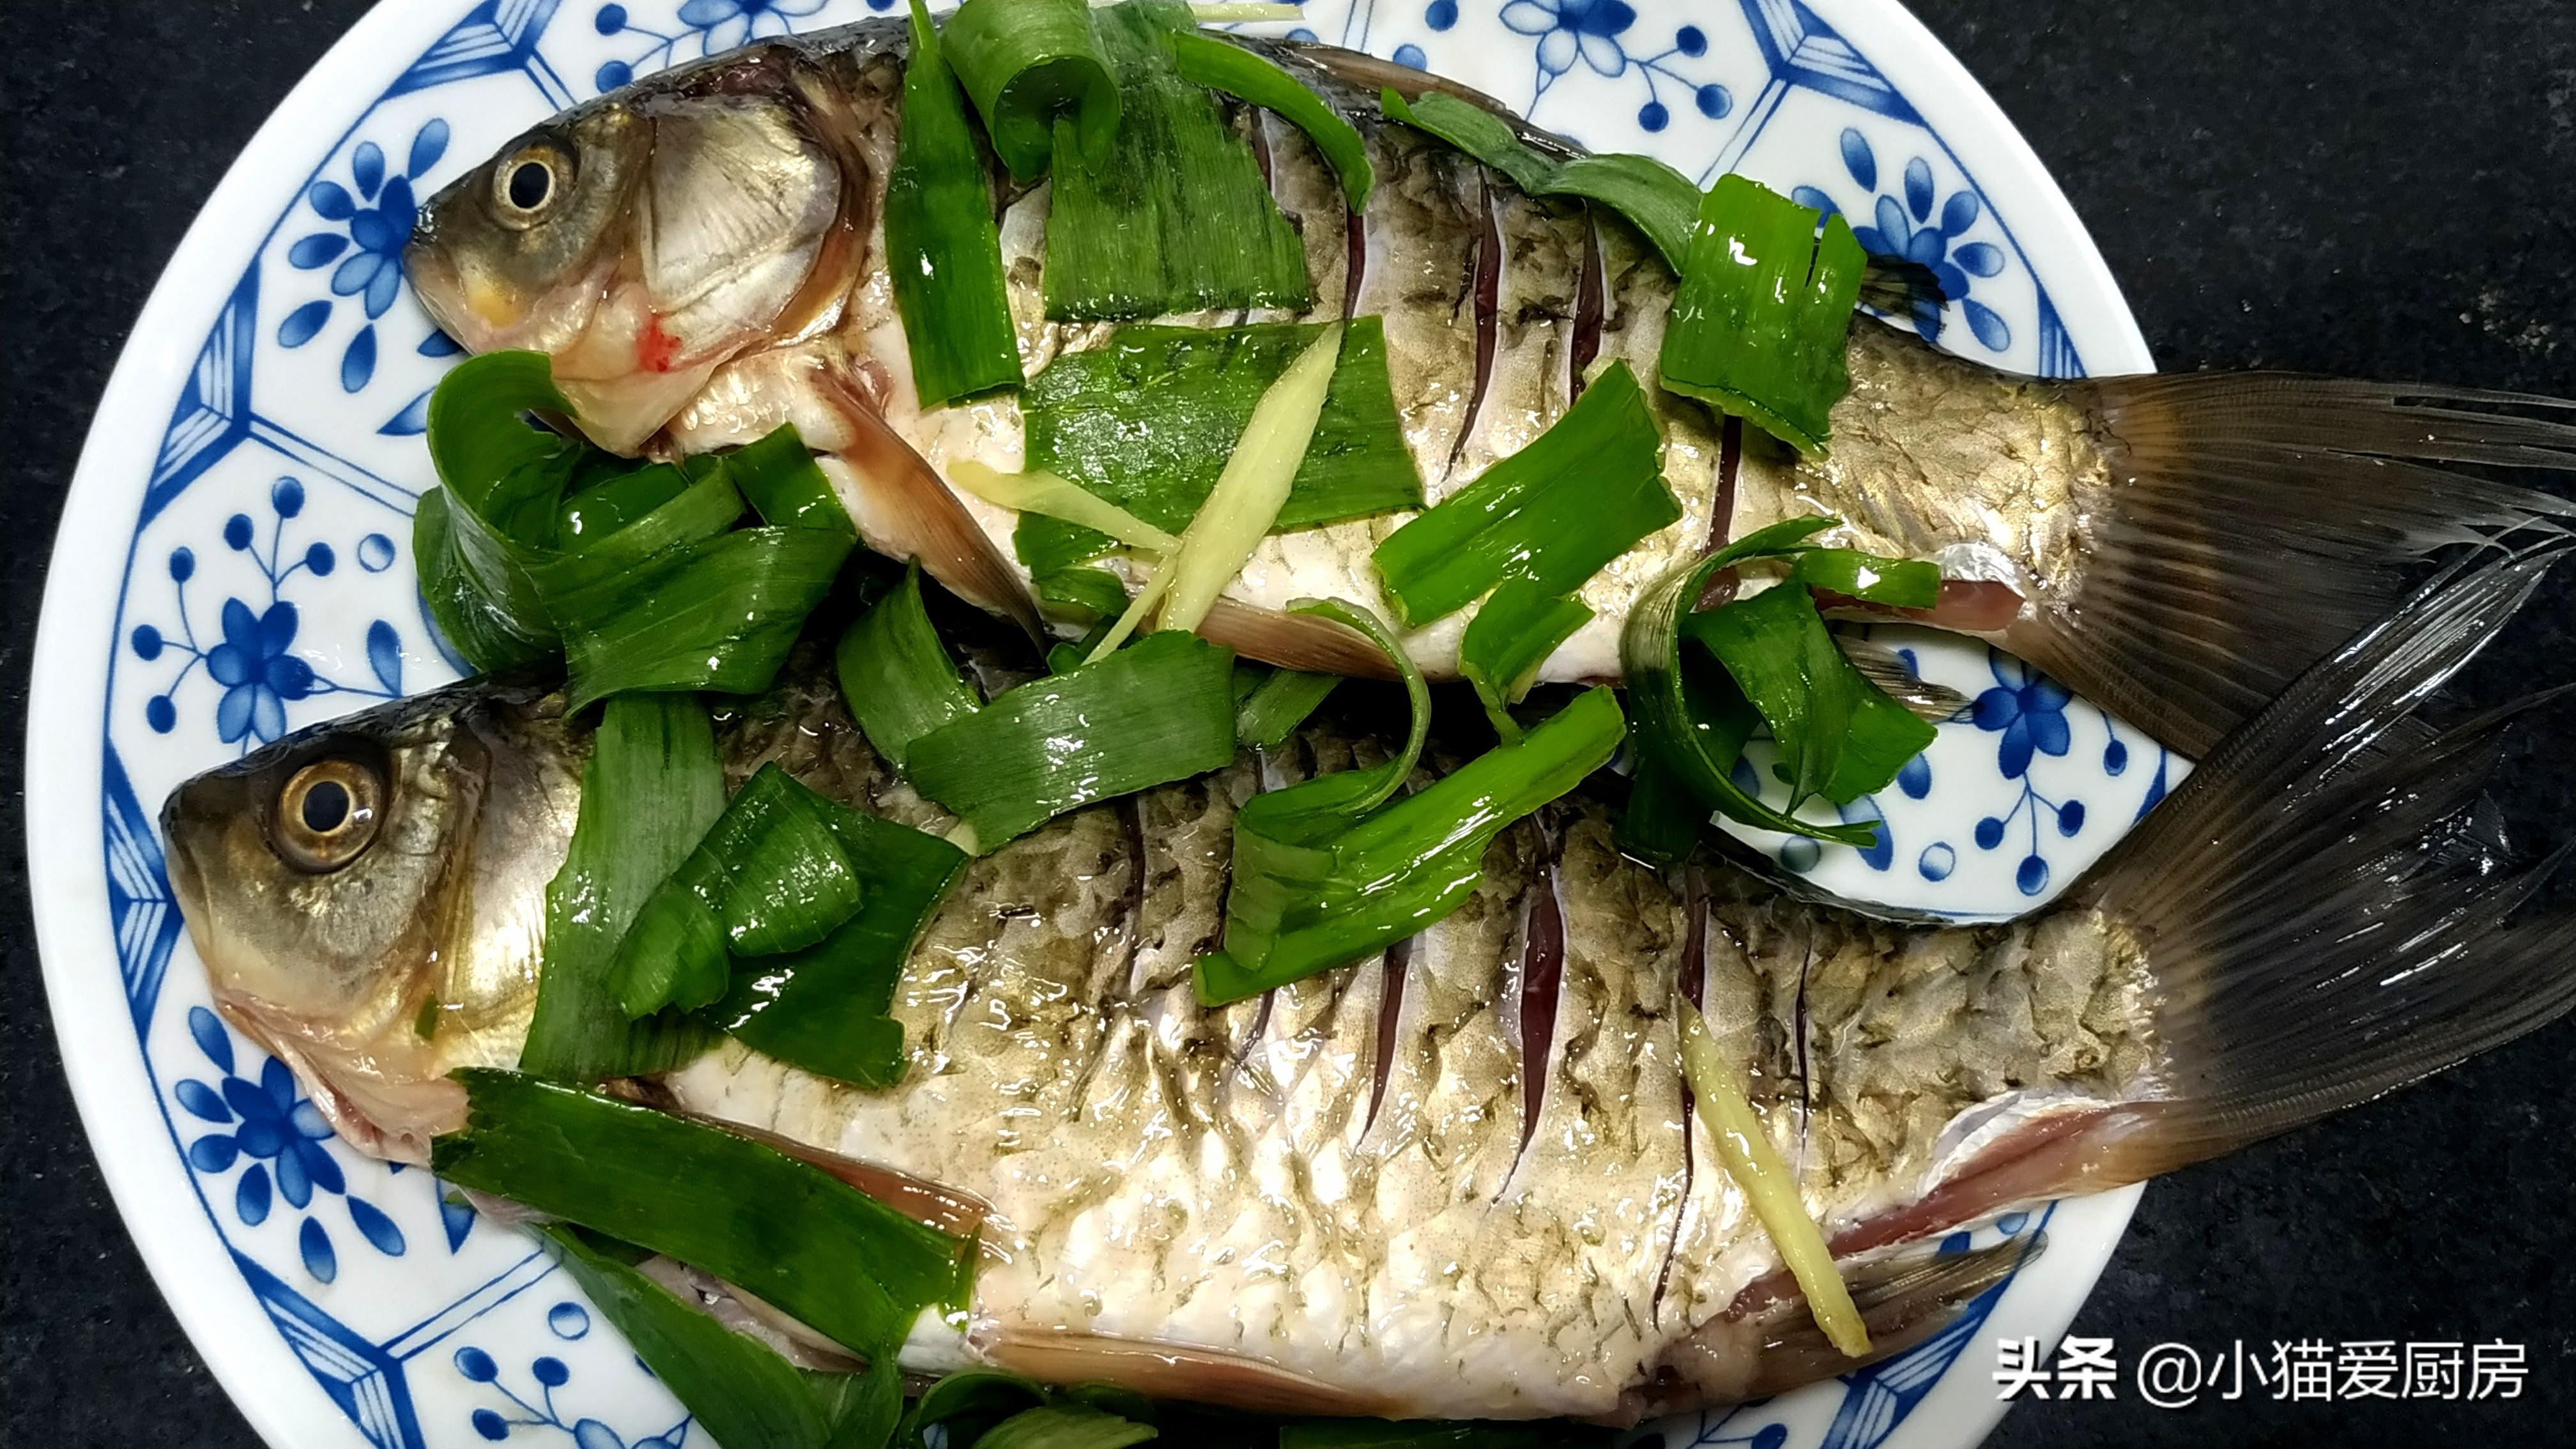 教你好喝的苦瓜鲫鱼汤 做法简单 味道鲜香 营养健康